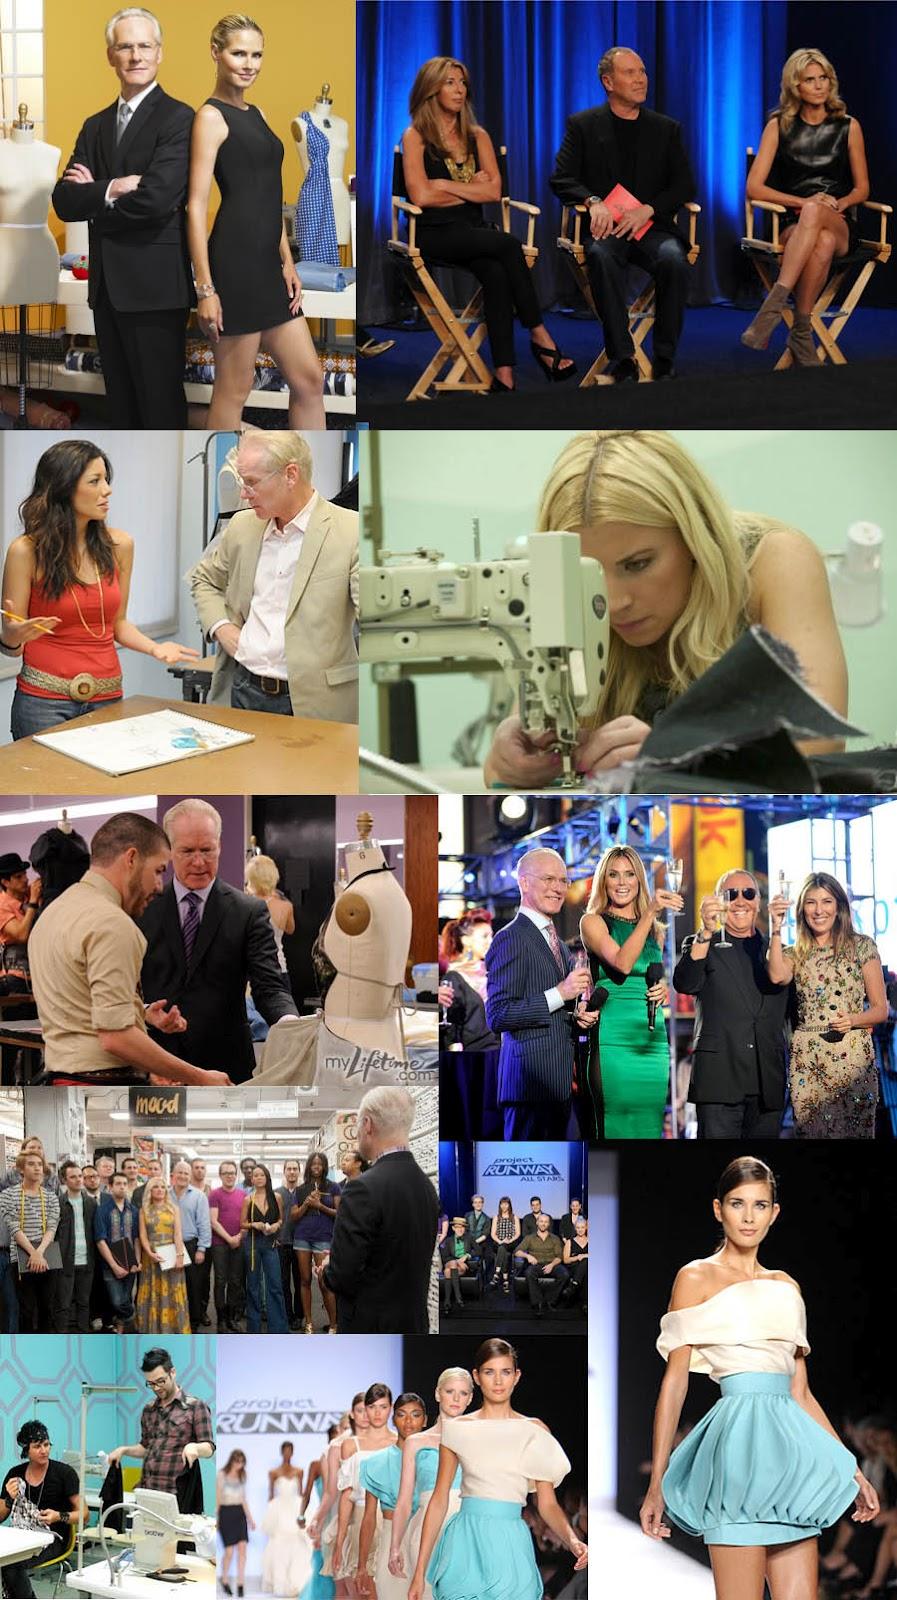 Os realitys shows de moda_Project Runway_Tim Gunn_Heidi Klum_Costureira_Estilista_Curso de modelagem_Como costurar